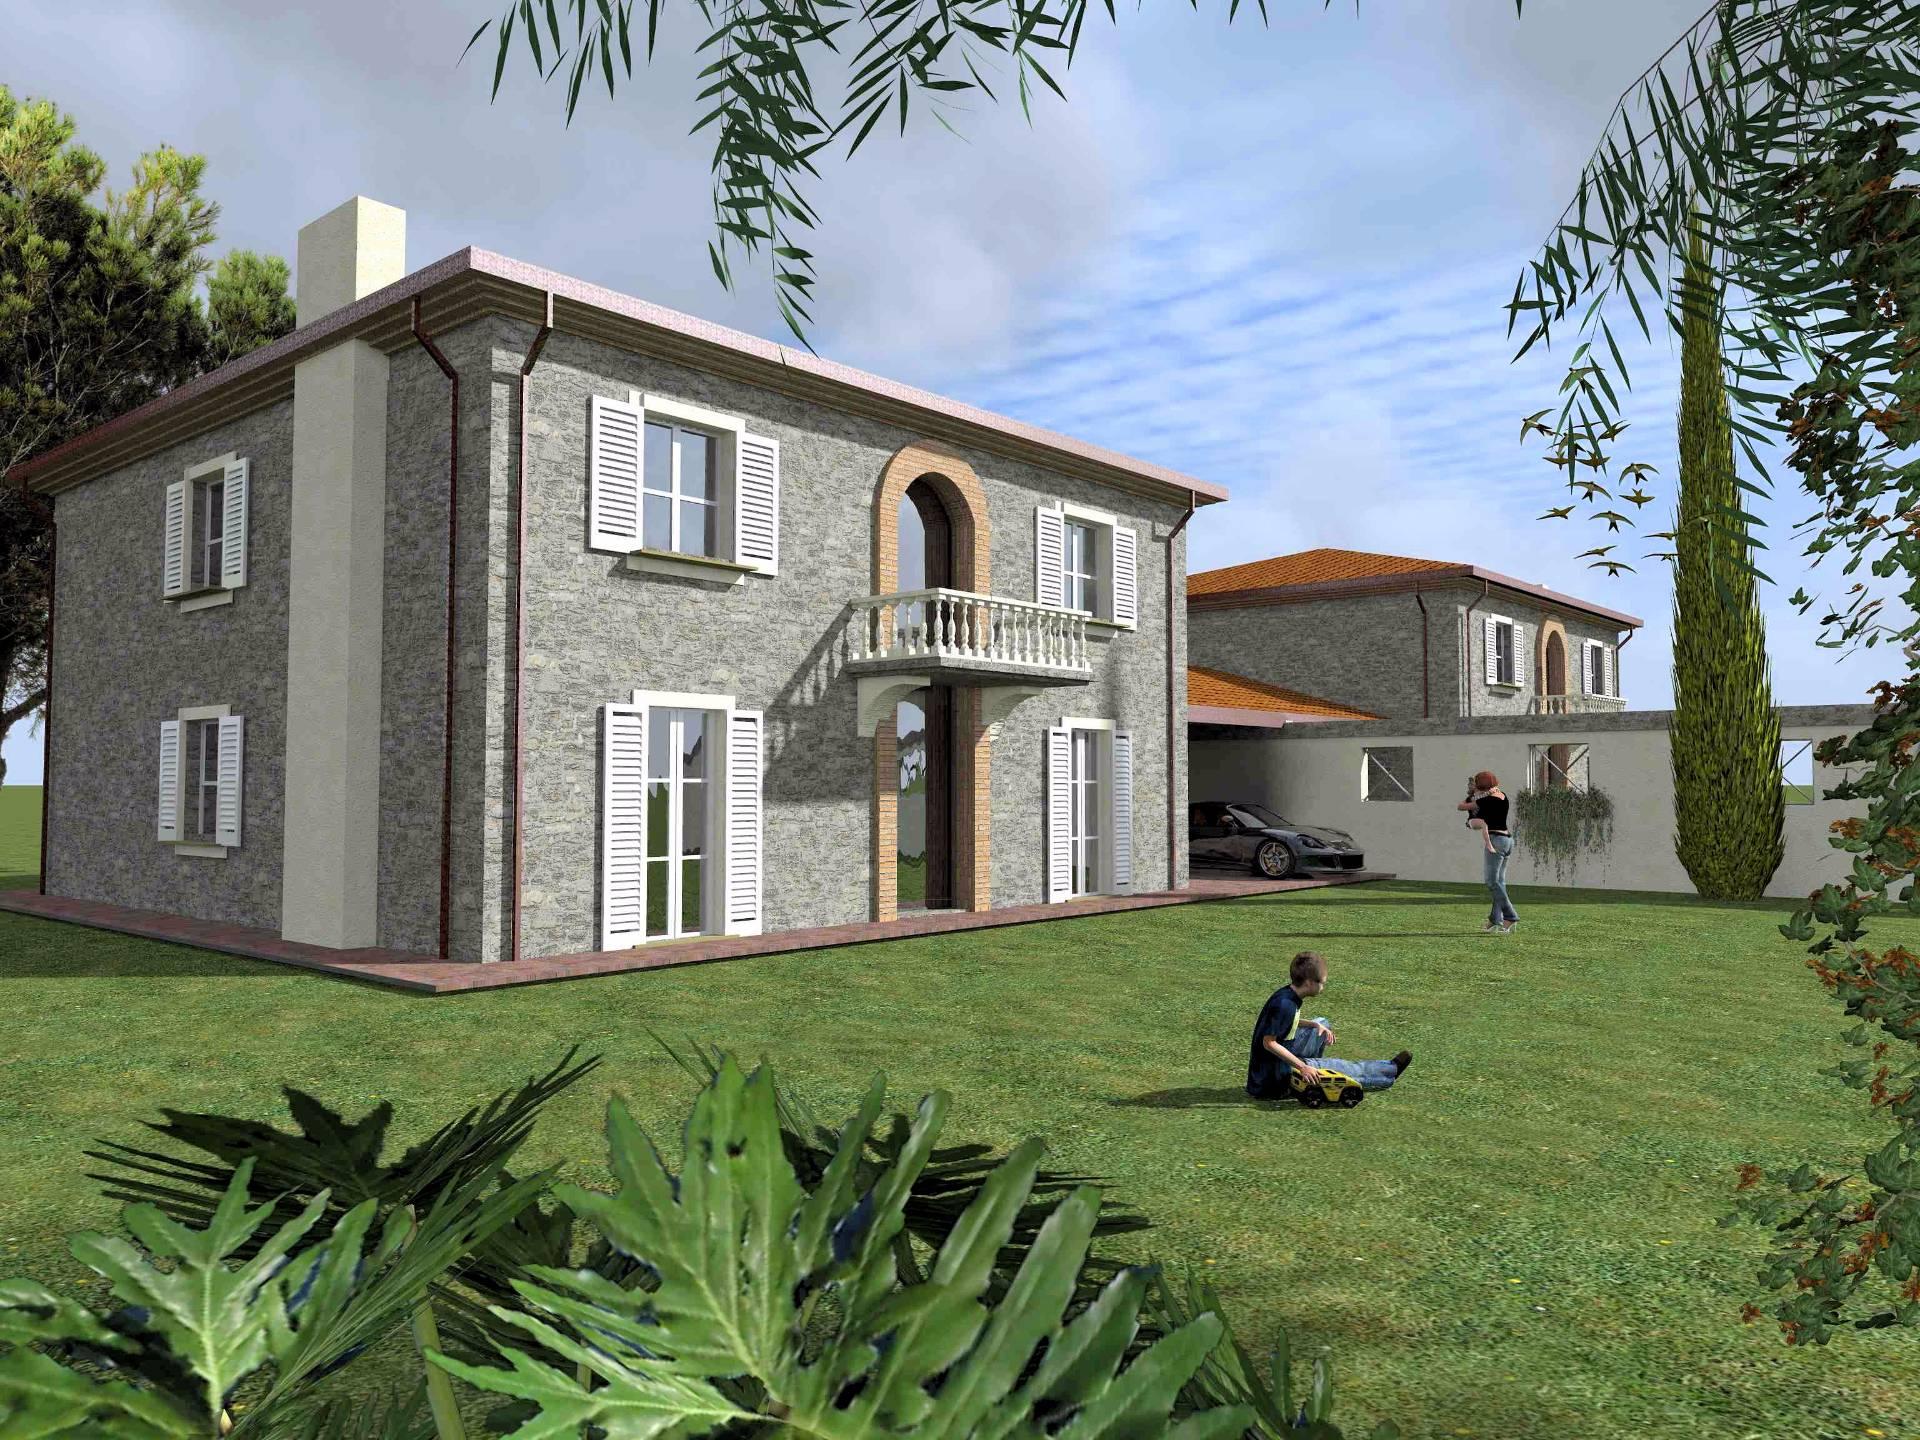 Rustico / Casale in vendita a Altopascio, 10 locali, zona Zona: Spianate, Trattative riservate | CambioCasa.it